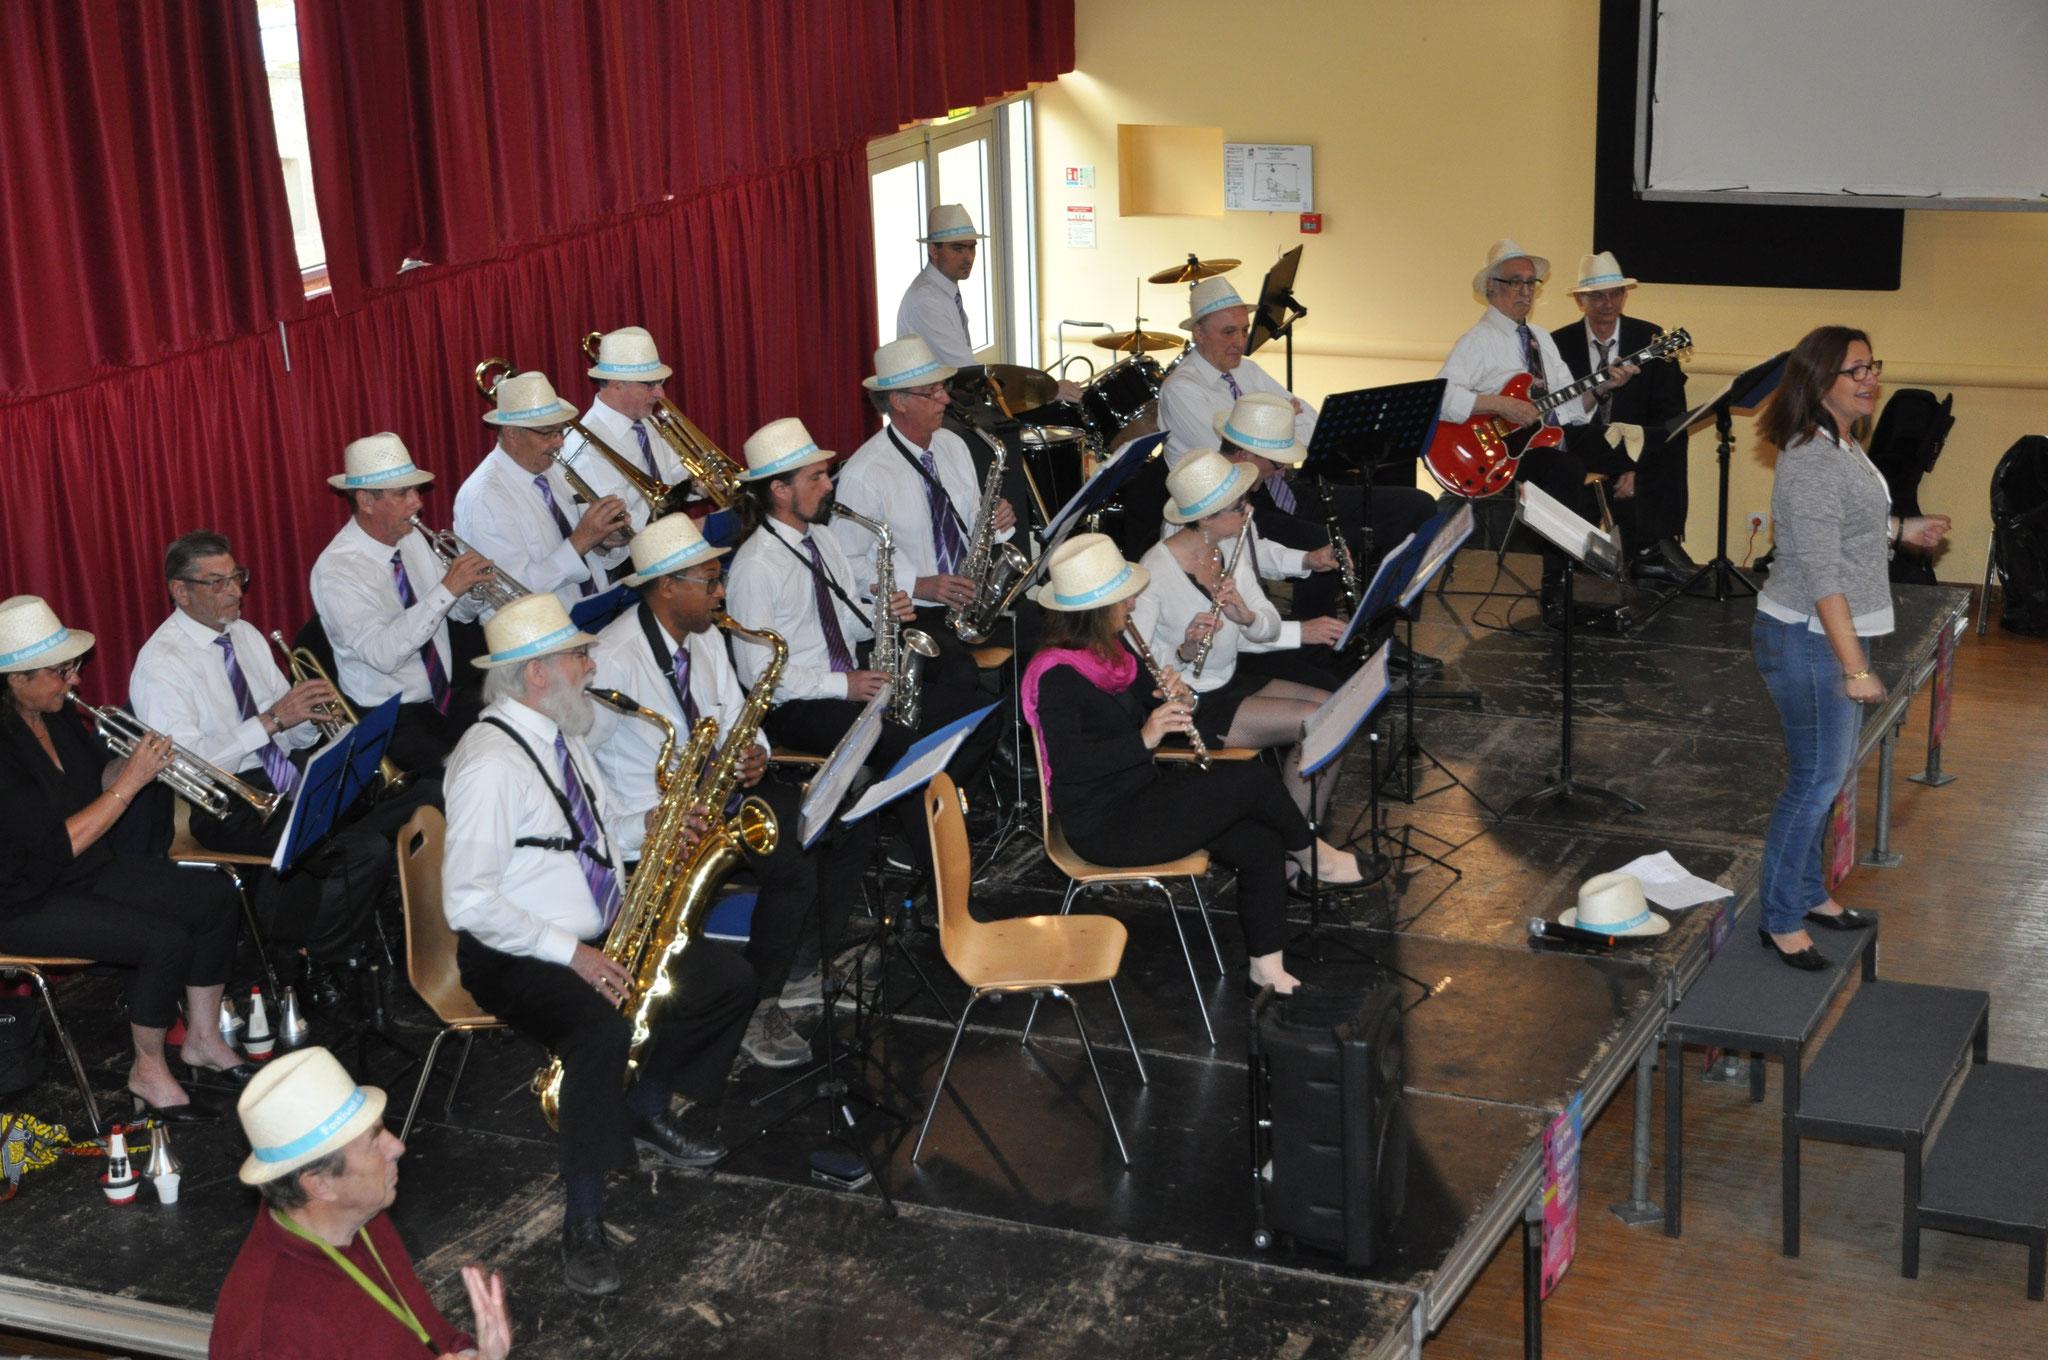 Festival des chorales 2019 à St Arnoult en Yvelines